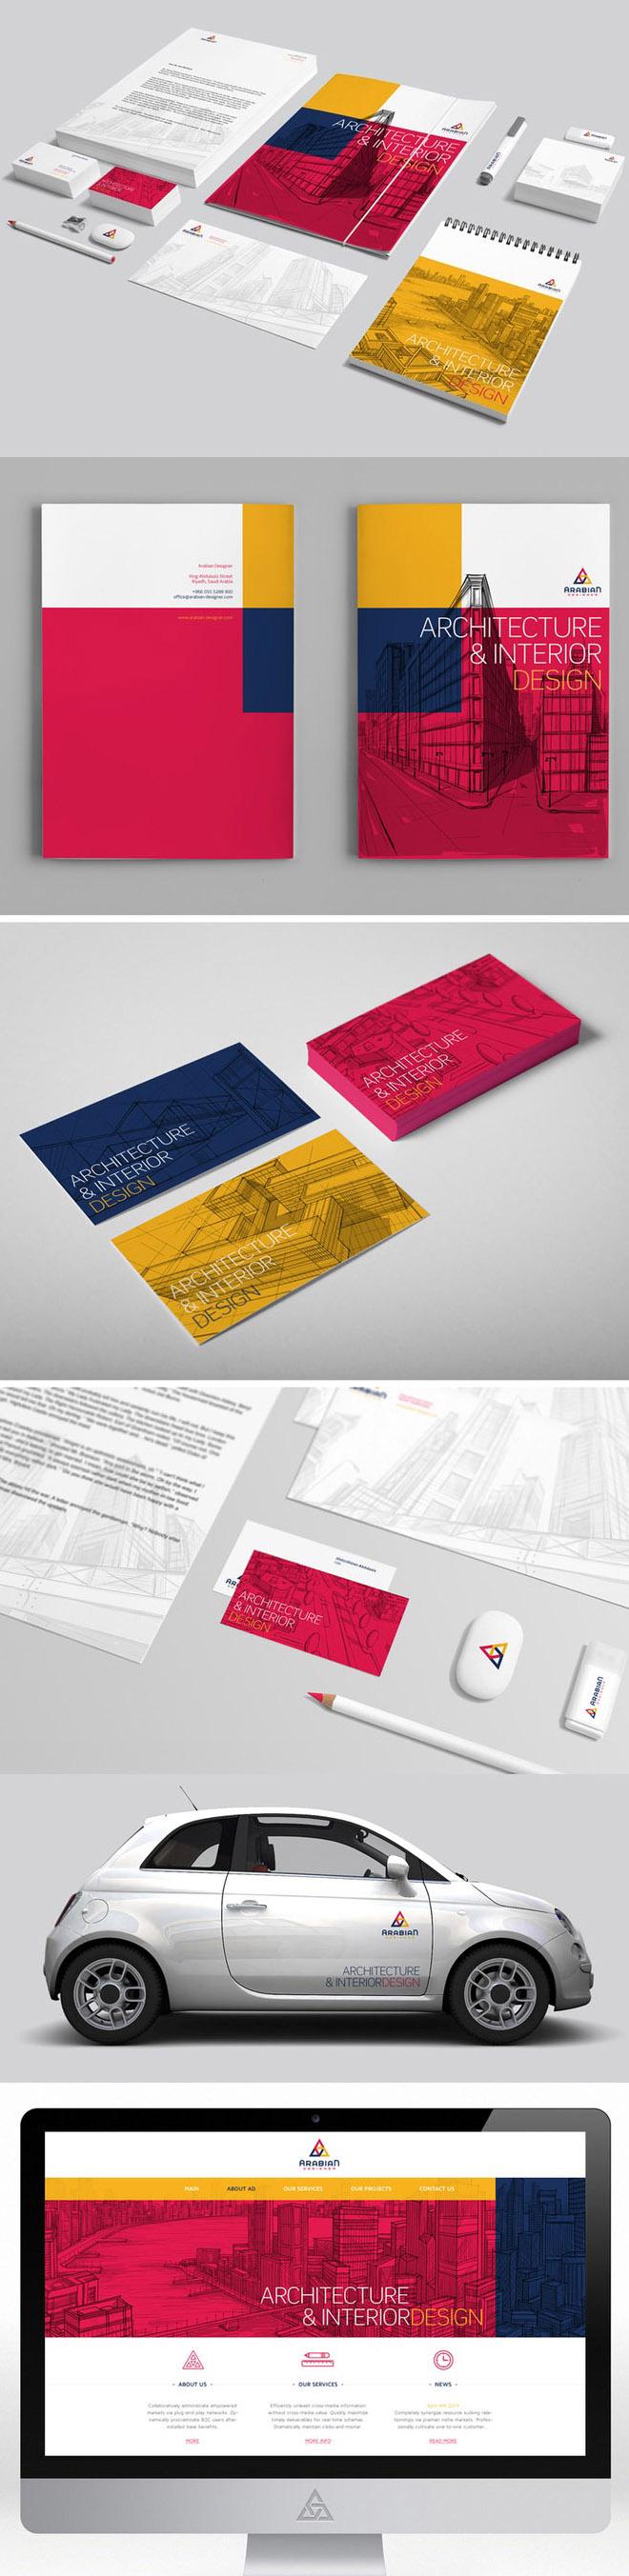 kreatif kurumsal tasarımlar (21)